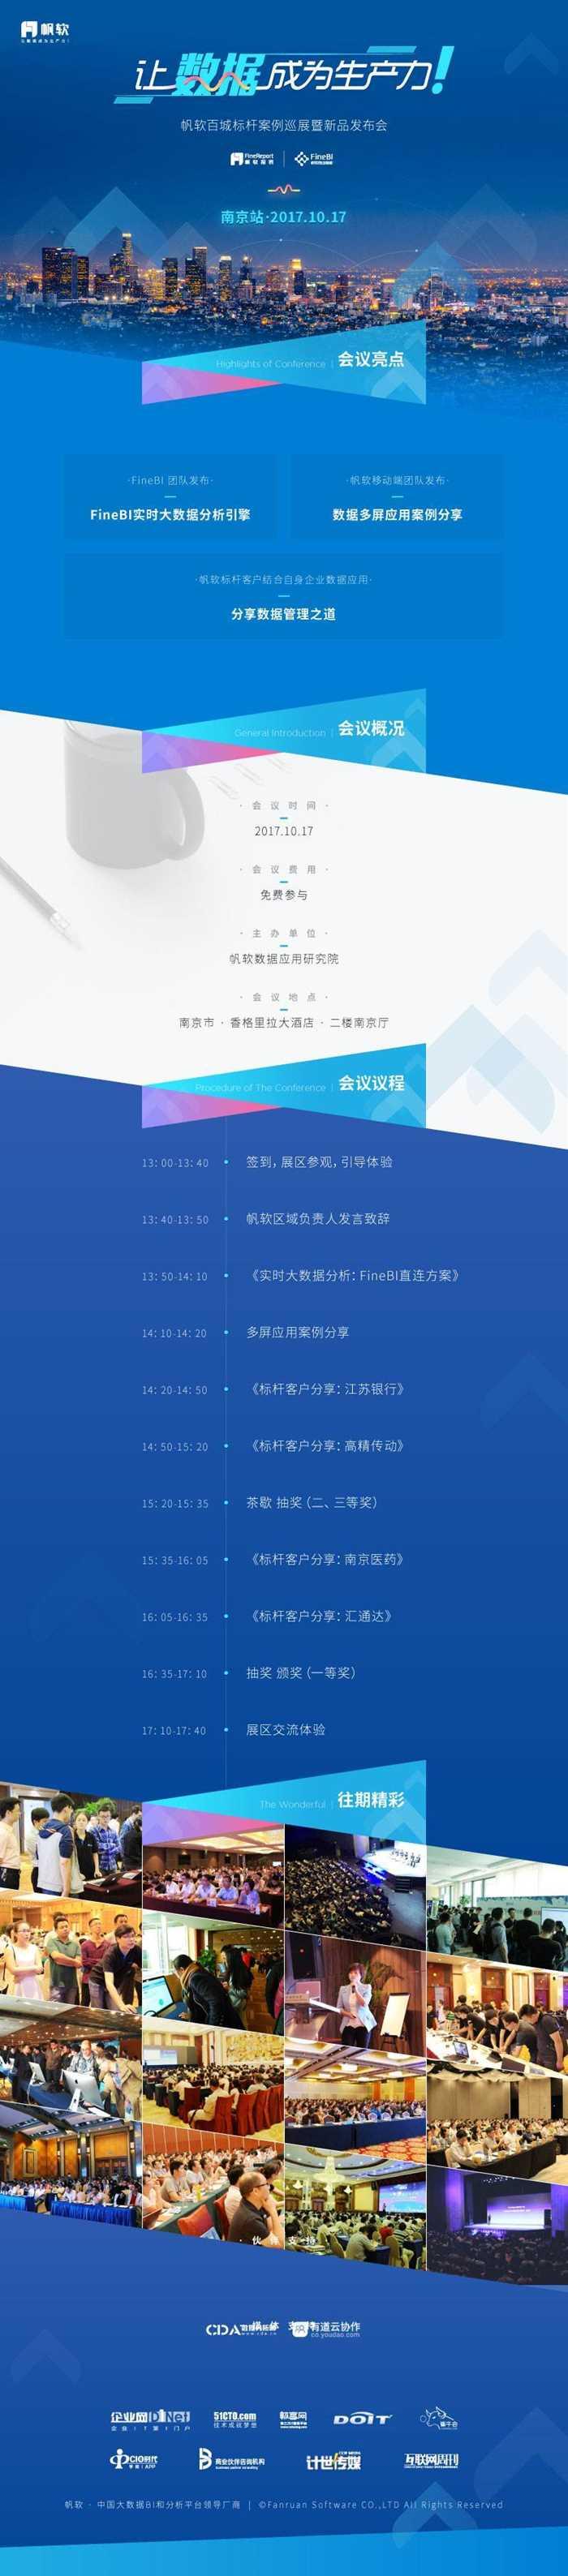 web邀请_南京站2.jpg